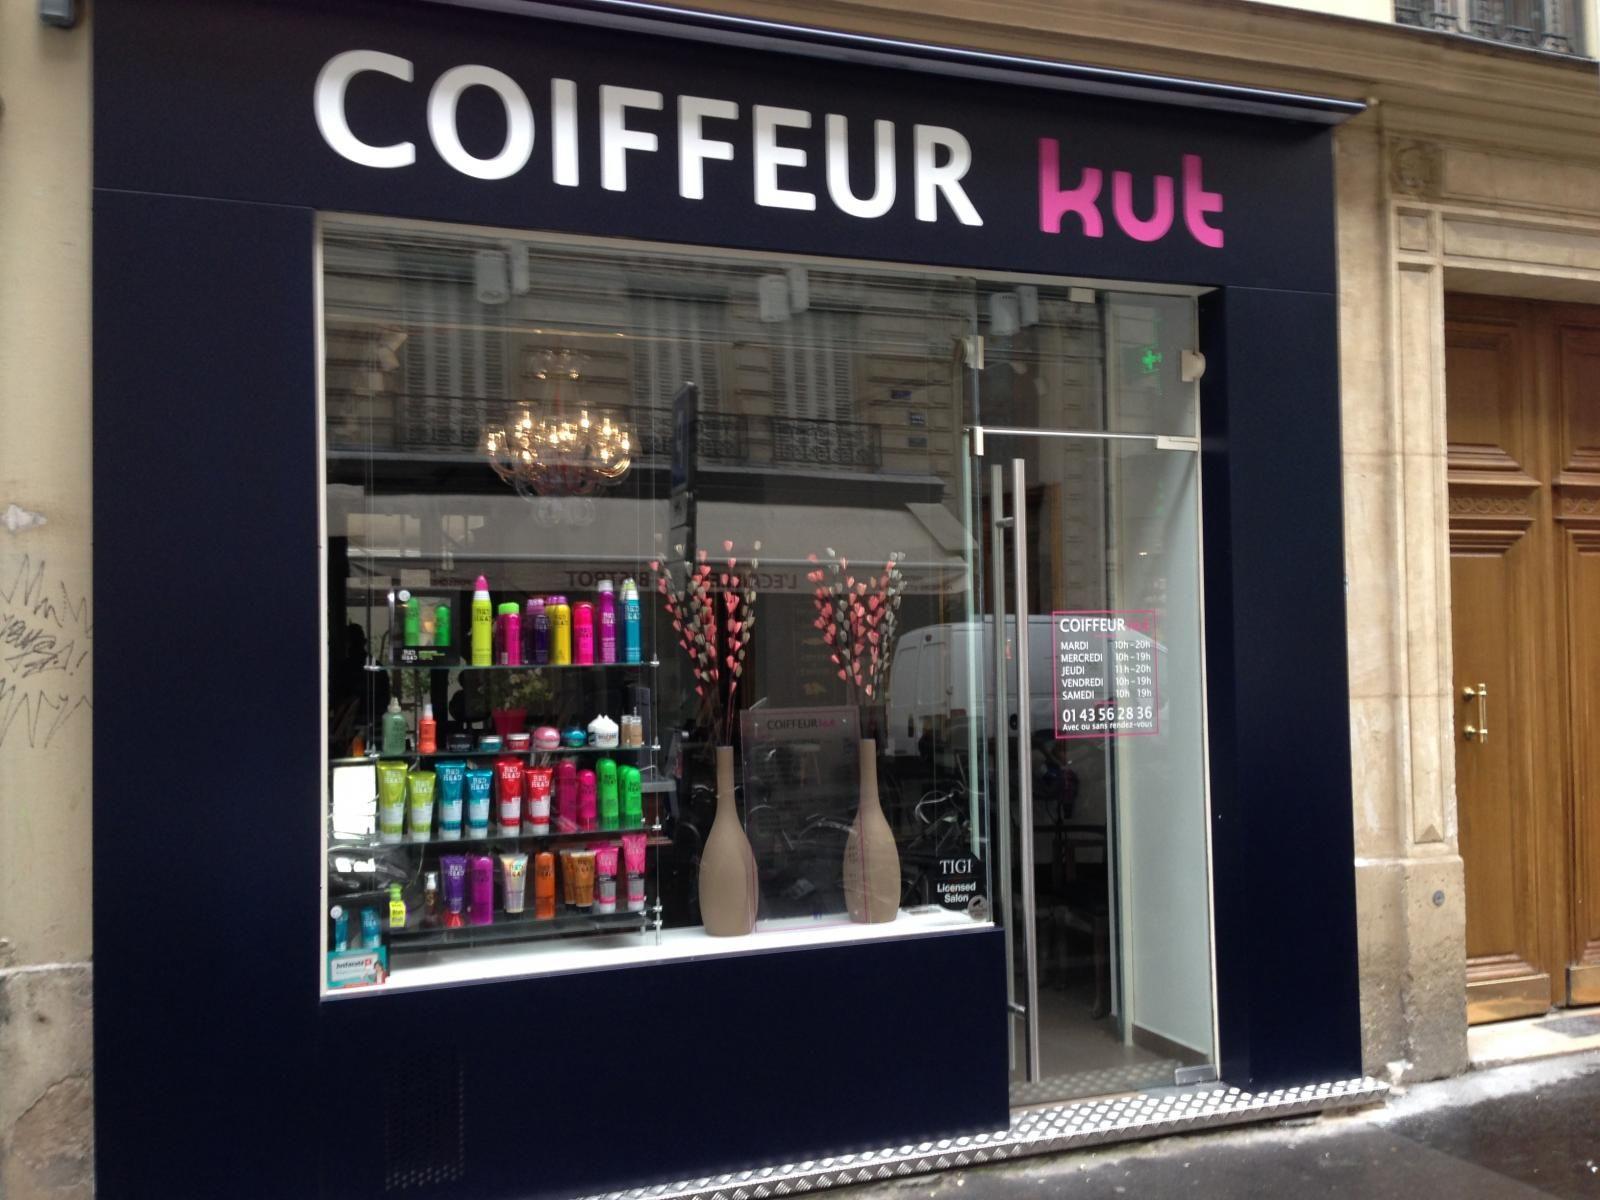 42+ Salon de coiffure levallois idees en 2021